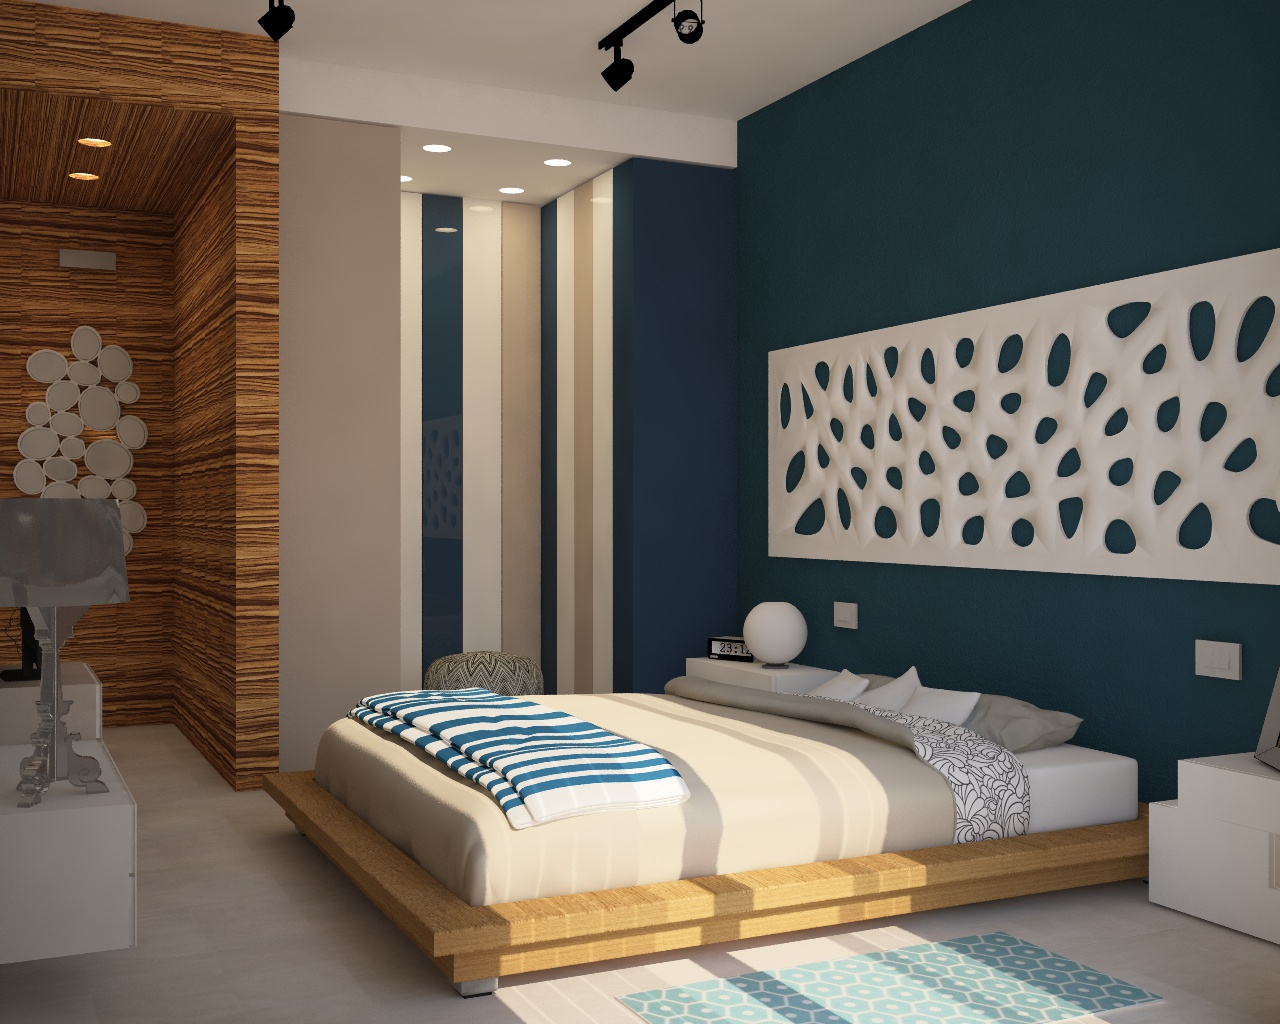 Come Arredare Una Camera Da Letto Stretta : Camera da letto lunga e stretta percorsi ridisegnati per una